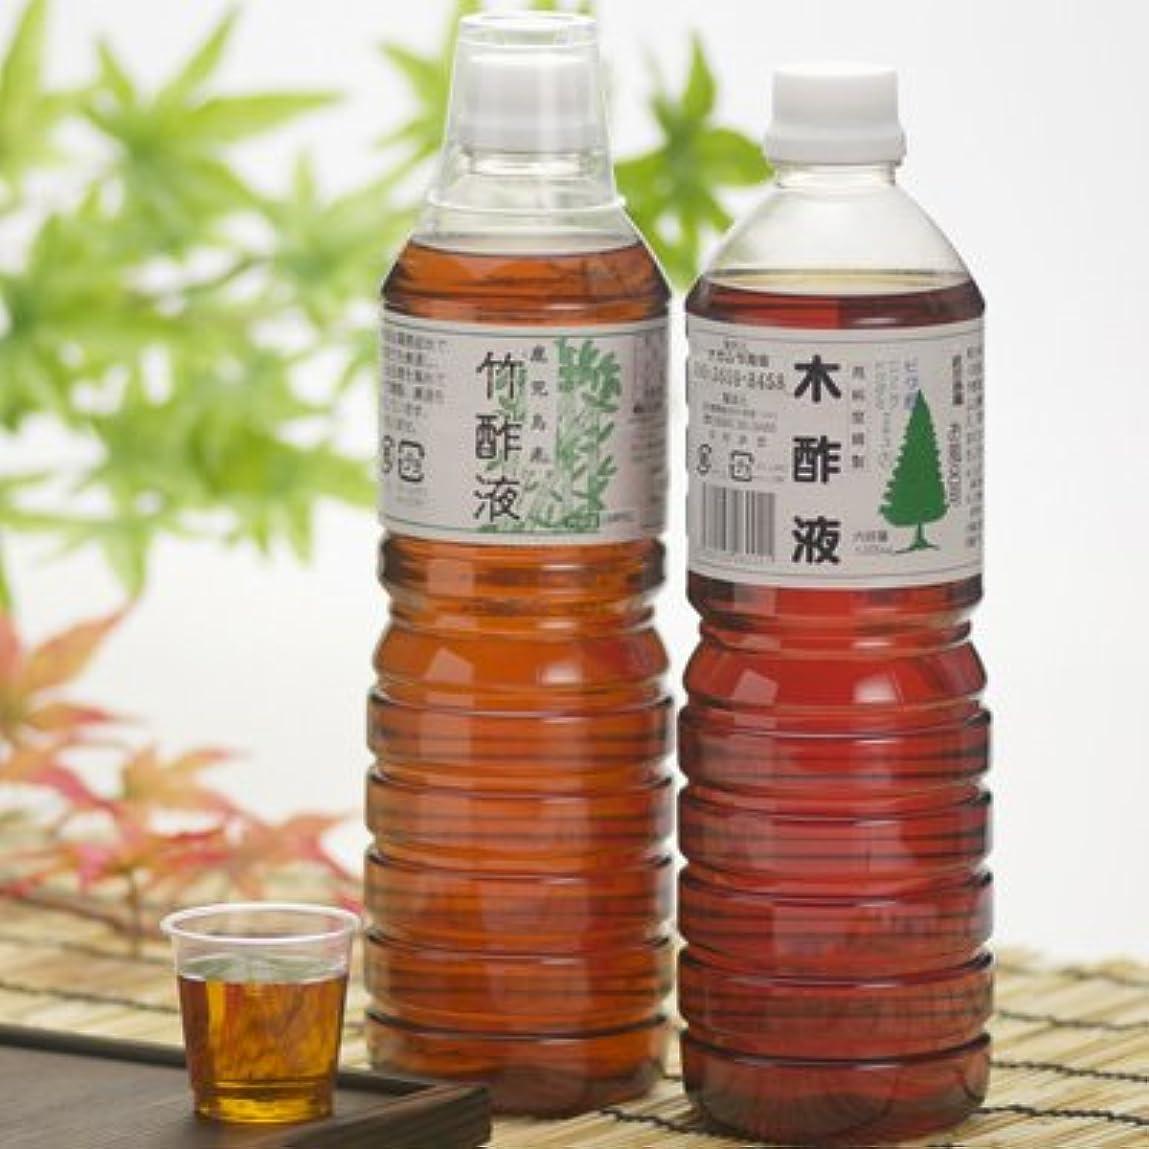 酔っ払い余分な割る一味違うバスタイムを楽しめる お風呂用(竹?樫)セット ナカムラ商会?鹿児島県